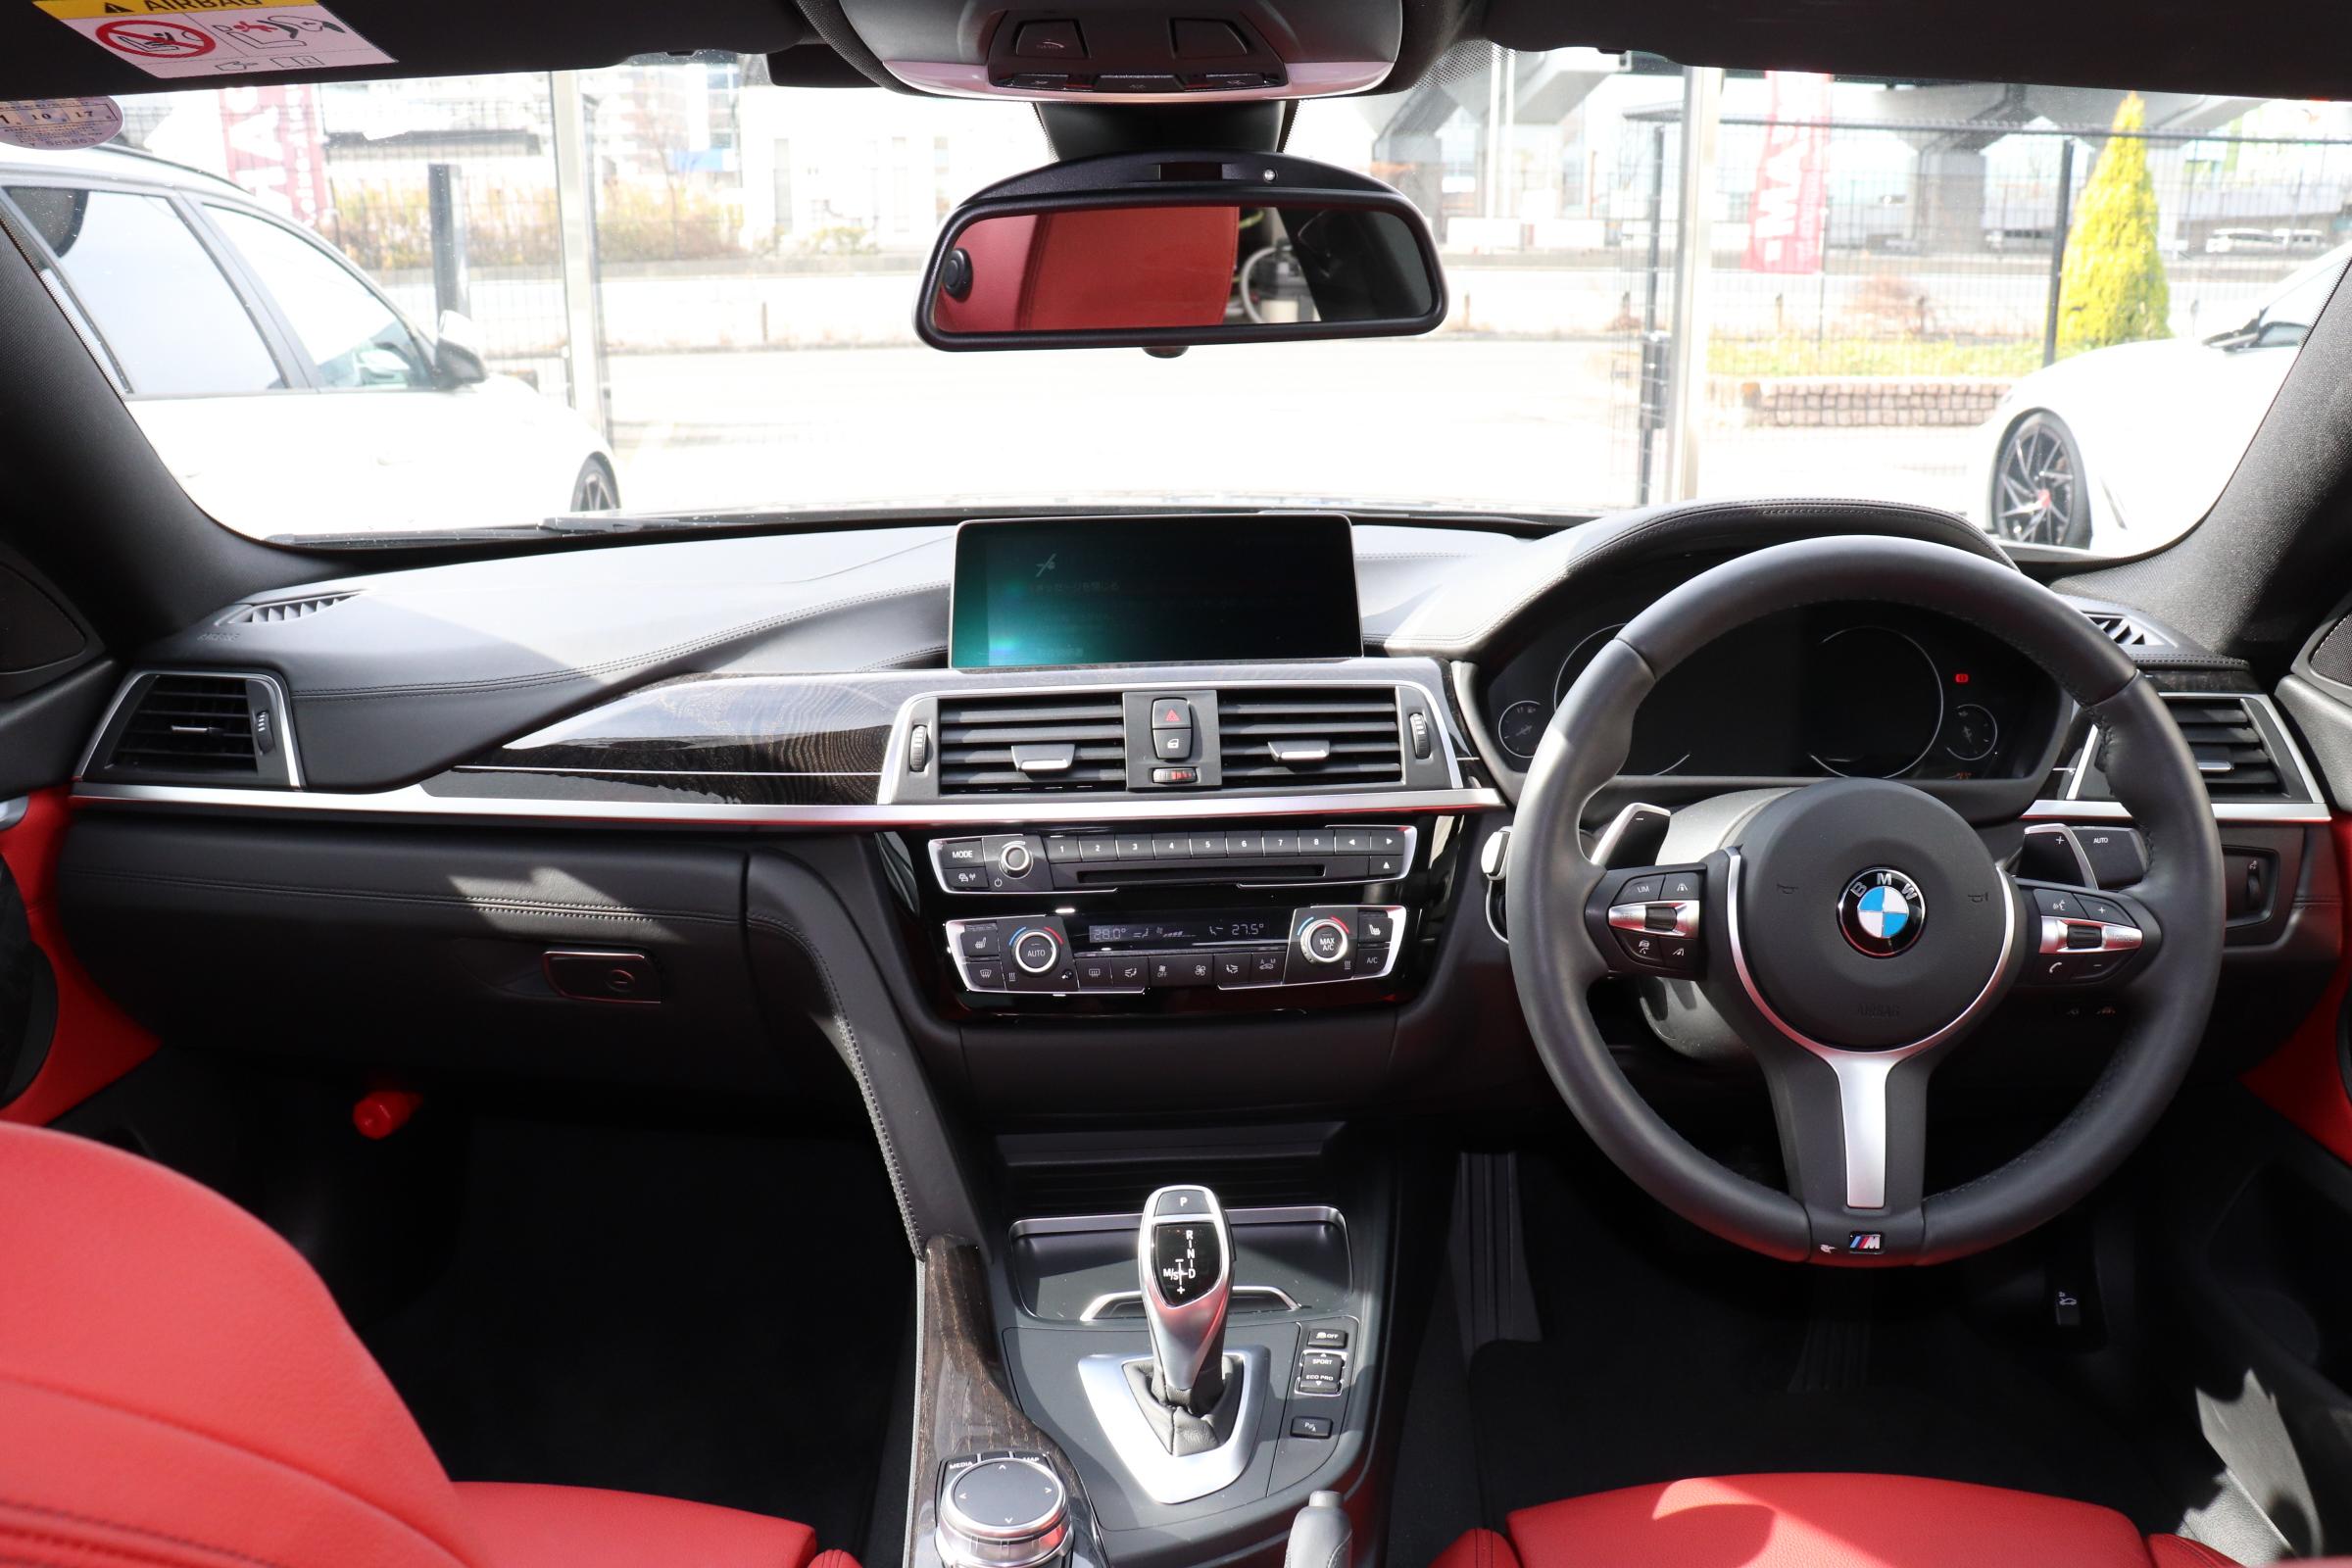 420iグランクーペMスポーツ スタイルマイスター 67台限定車 メリノレザー LEDメーター車両画像10